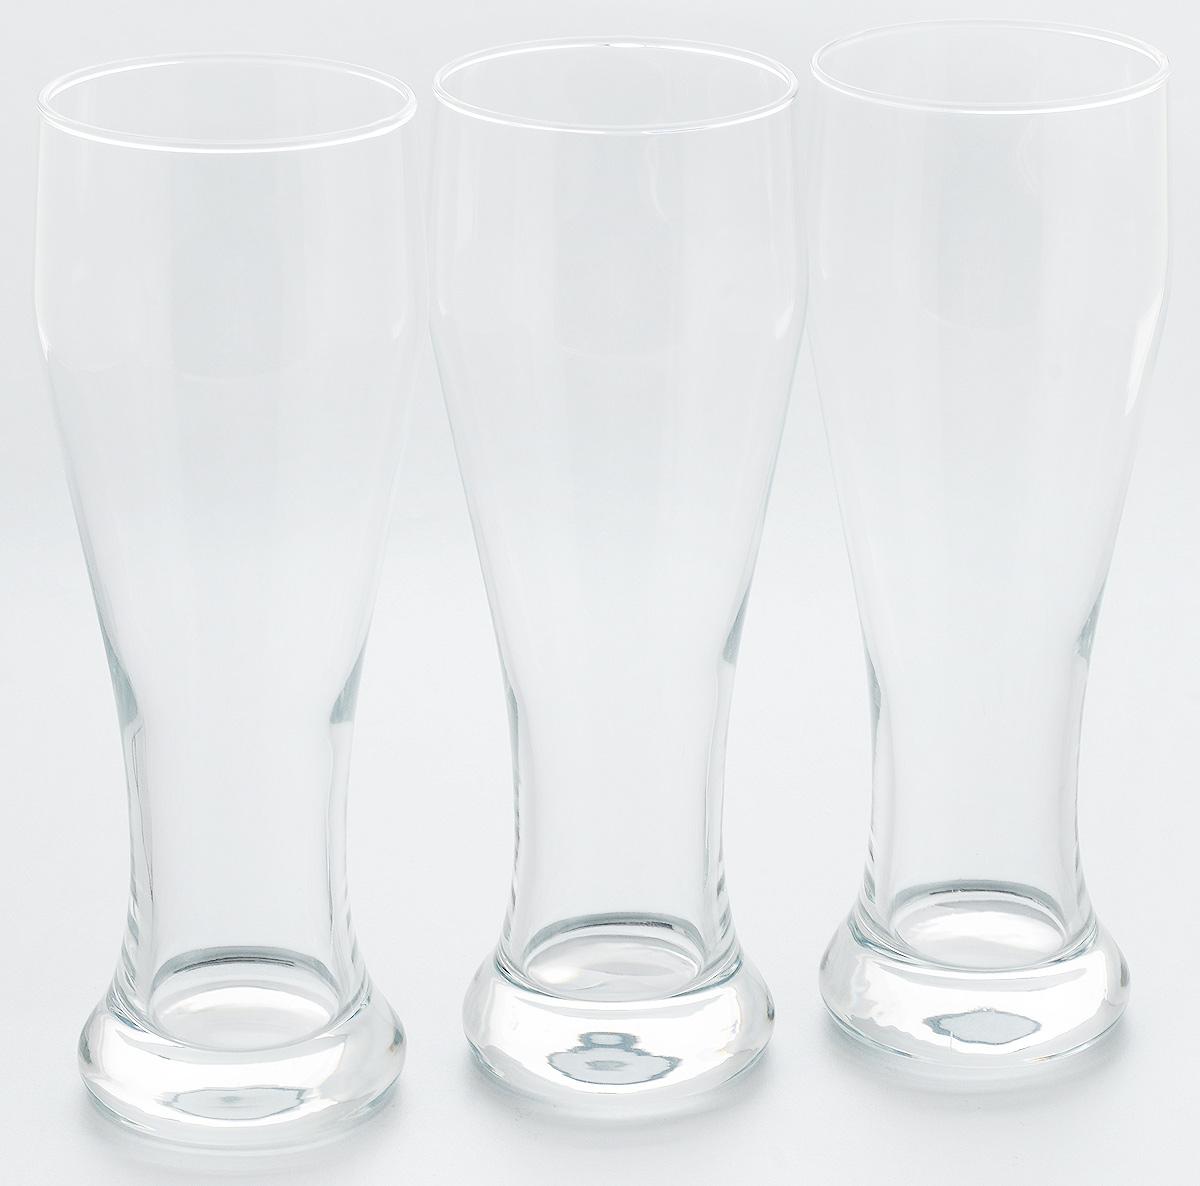 Набор стаканов для пива Pasabahce Pub, 665 мл, 3 шт